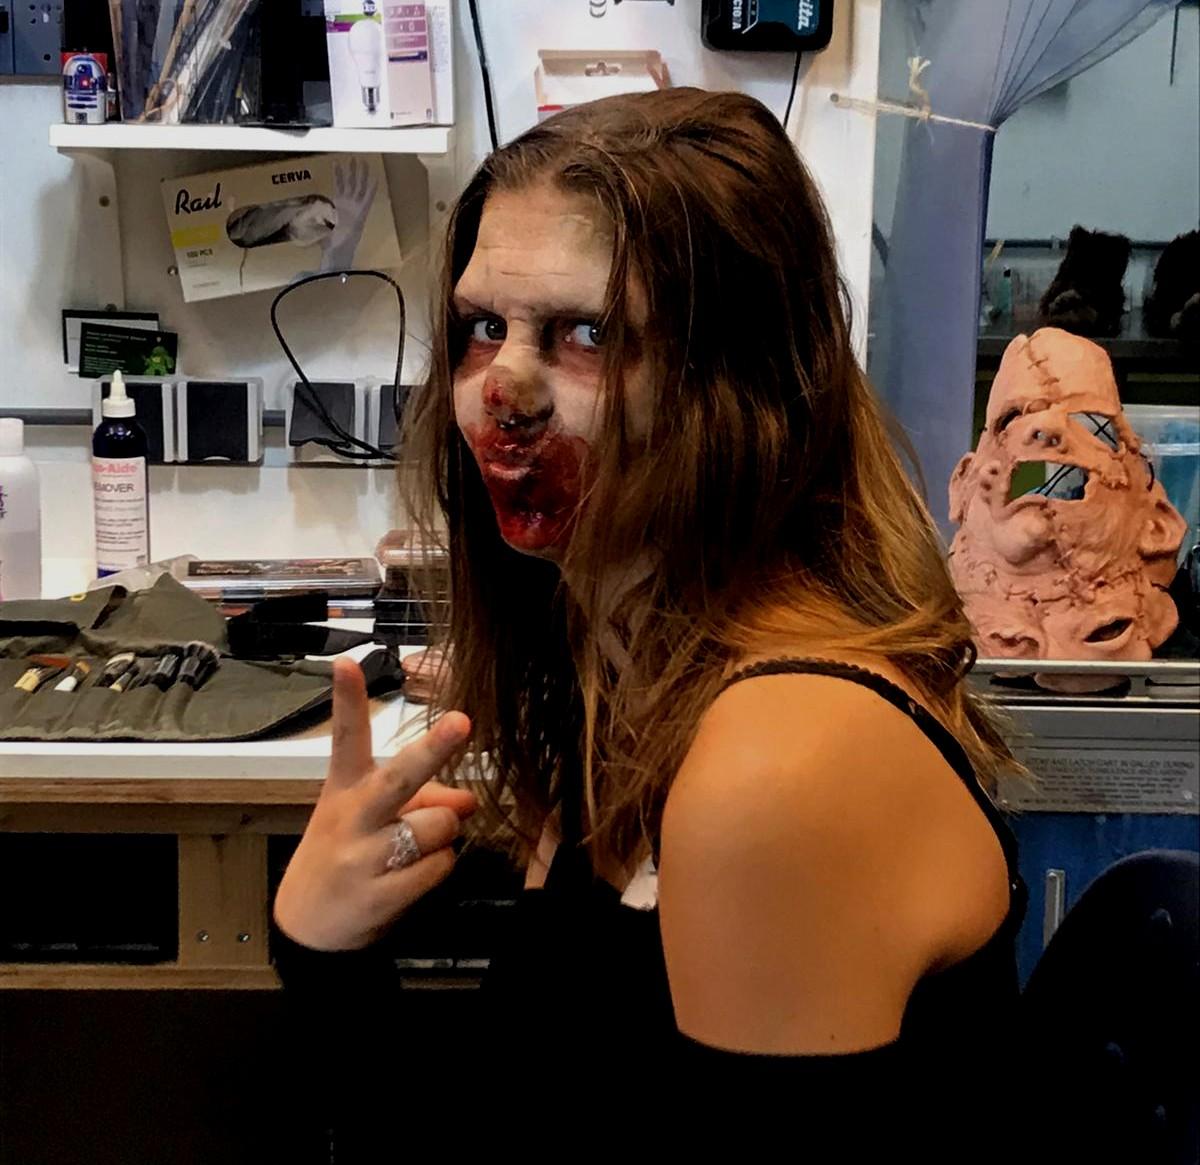 Happy Weekend! #weekend #horror #makeupeffects #prostheticmakeup #creaturesuit #specialeffectmakeup #sculpture #makeupartist #modelmaking #scifi #monstermask #slasherfilm #sideshow #hang1n #doclines #nikkipic.twitter.com/uA1dkho2U5